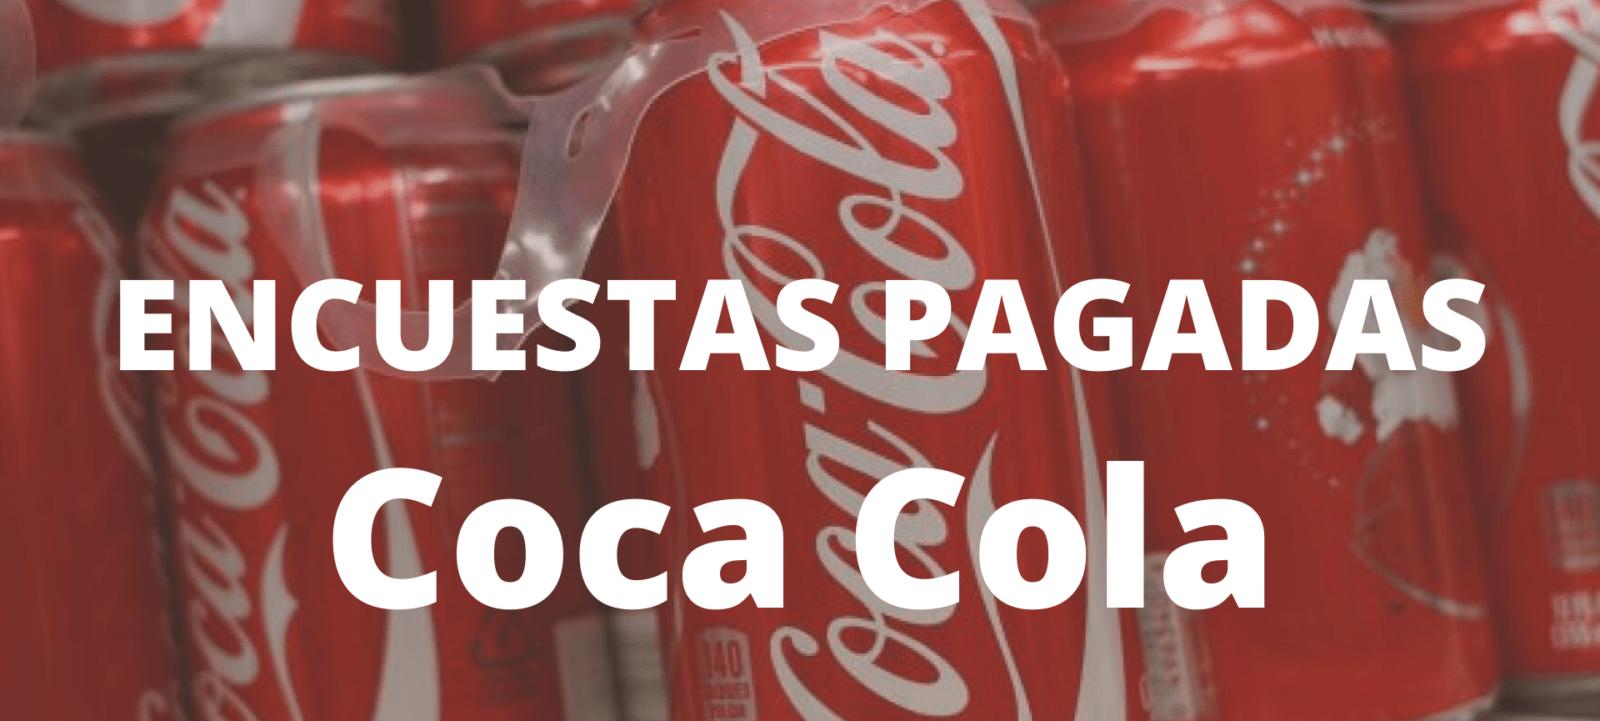 Encuestas pagadas Coca Cola